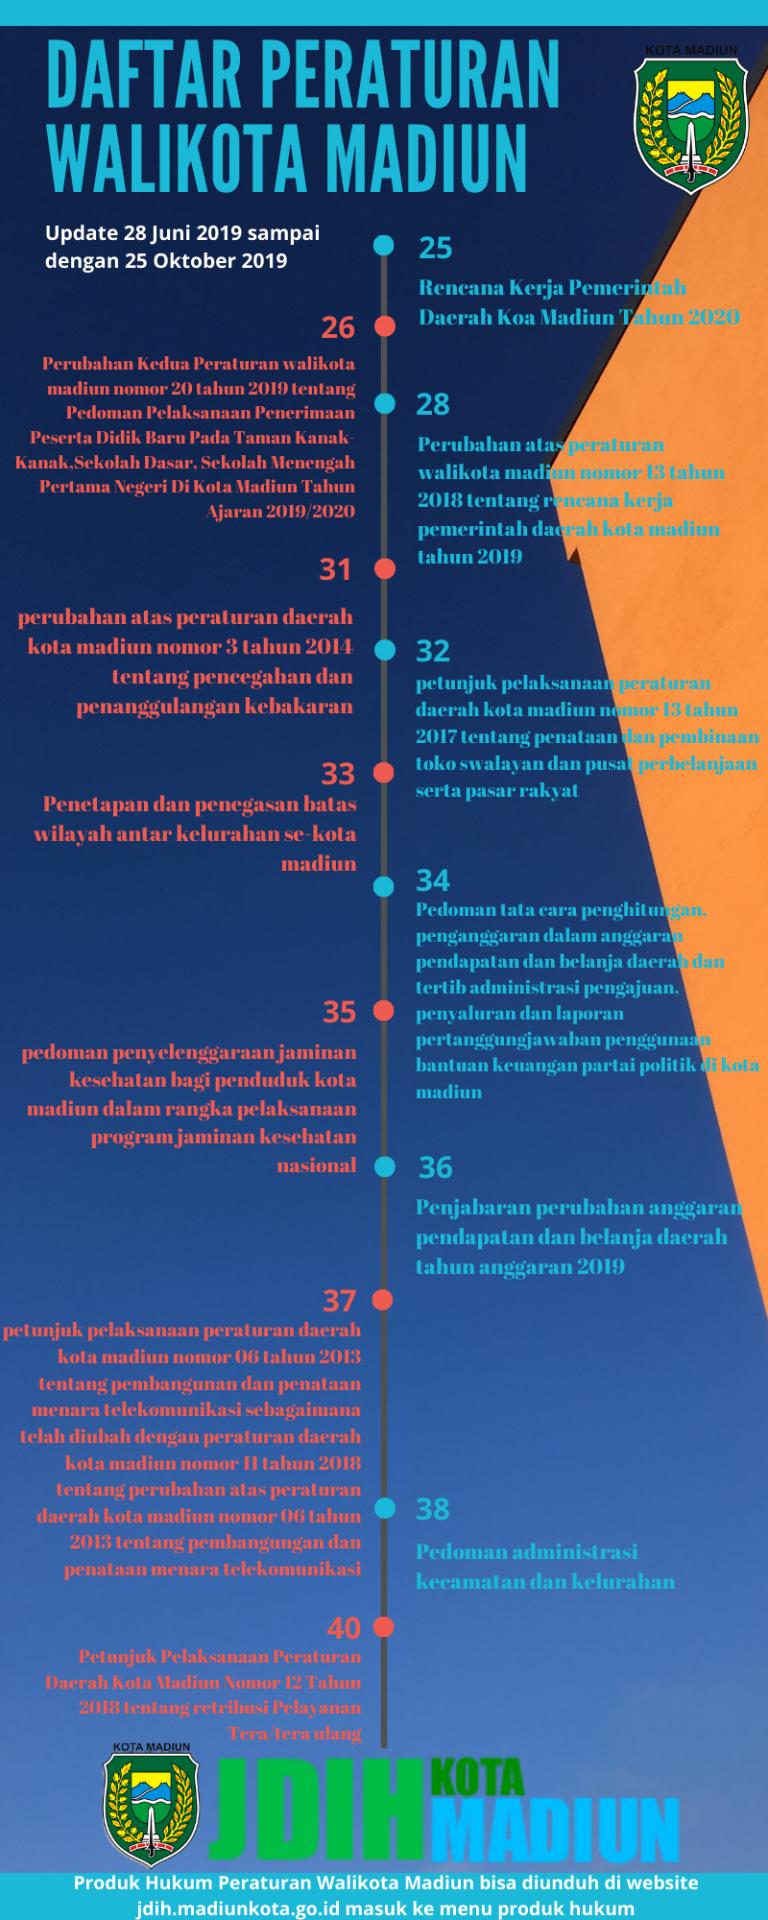 INFOGRAFIS : Peraturan Walikota Madiun (28 Juni 2019 s/d 25 Oktober 2019)